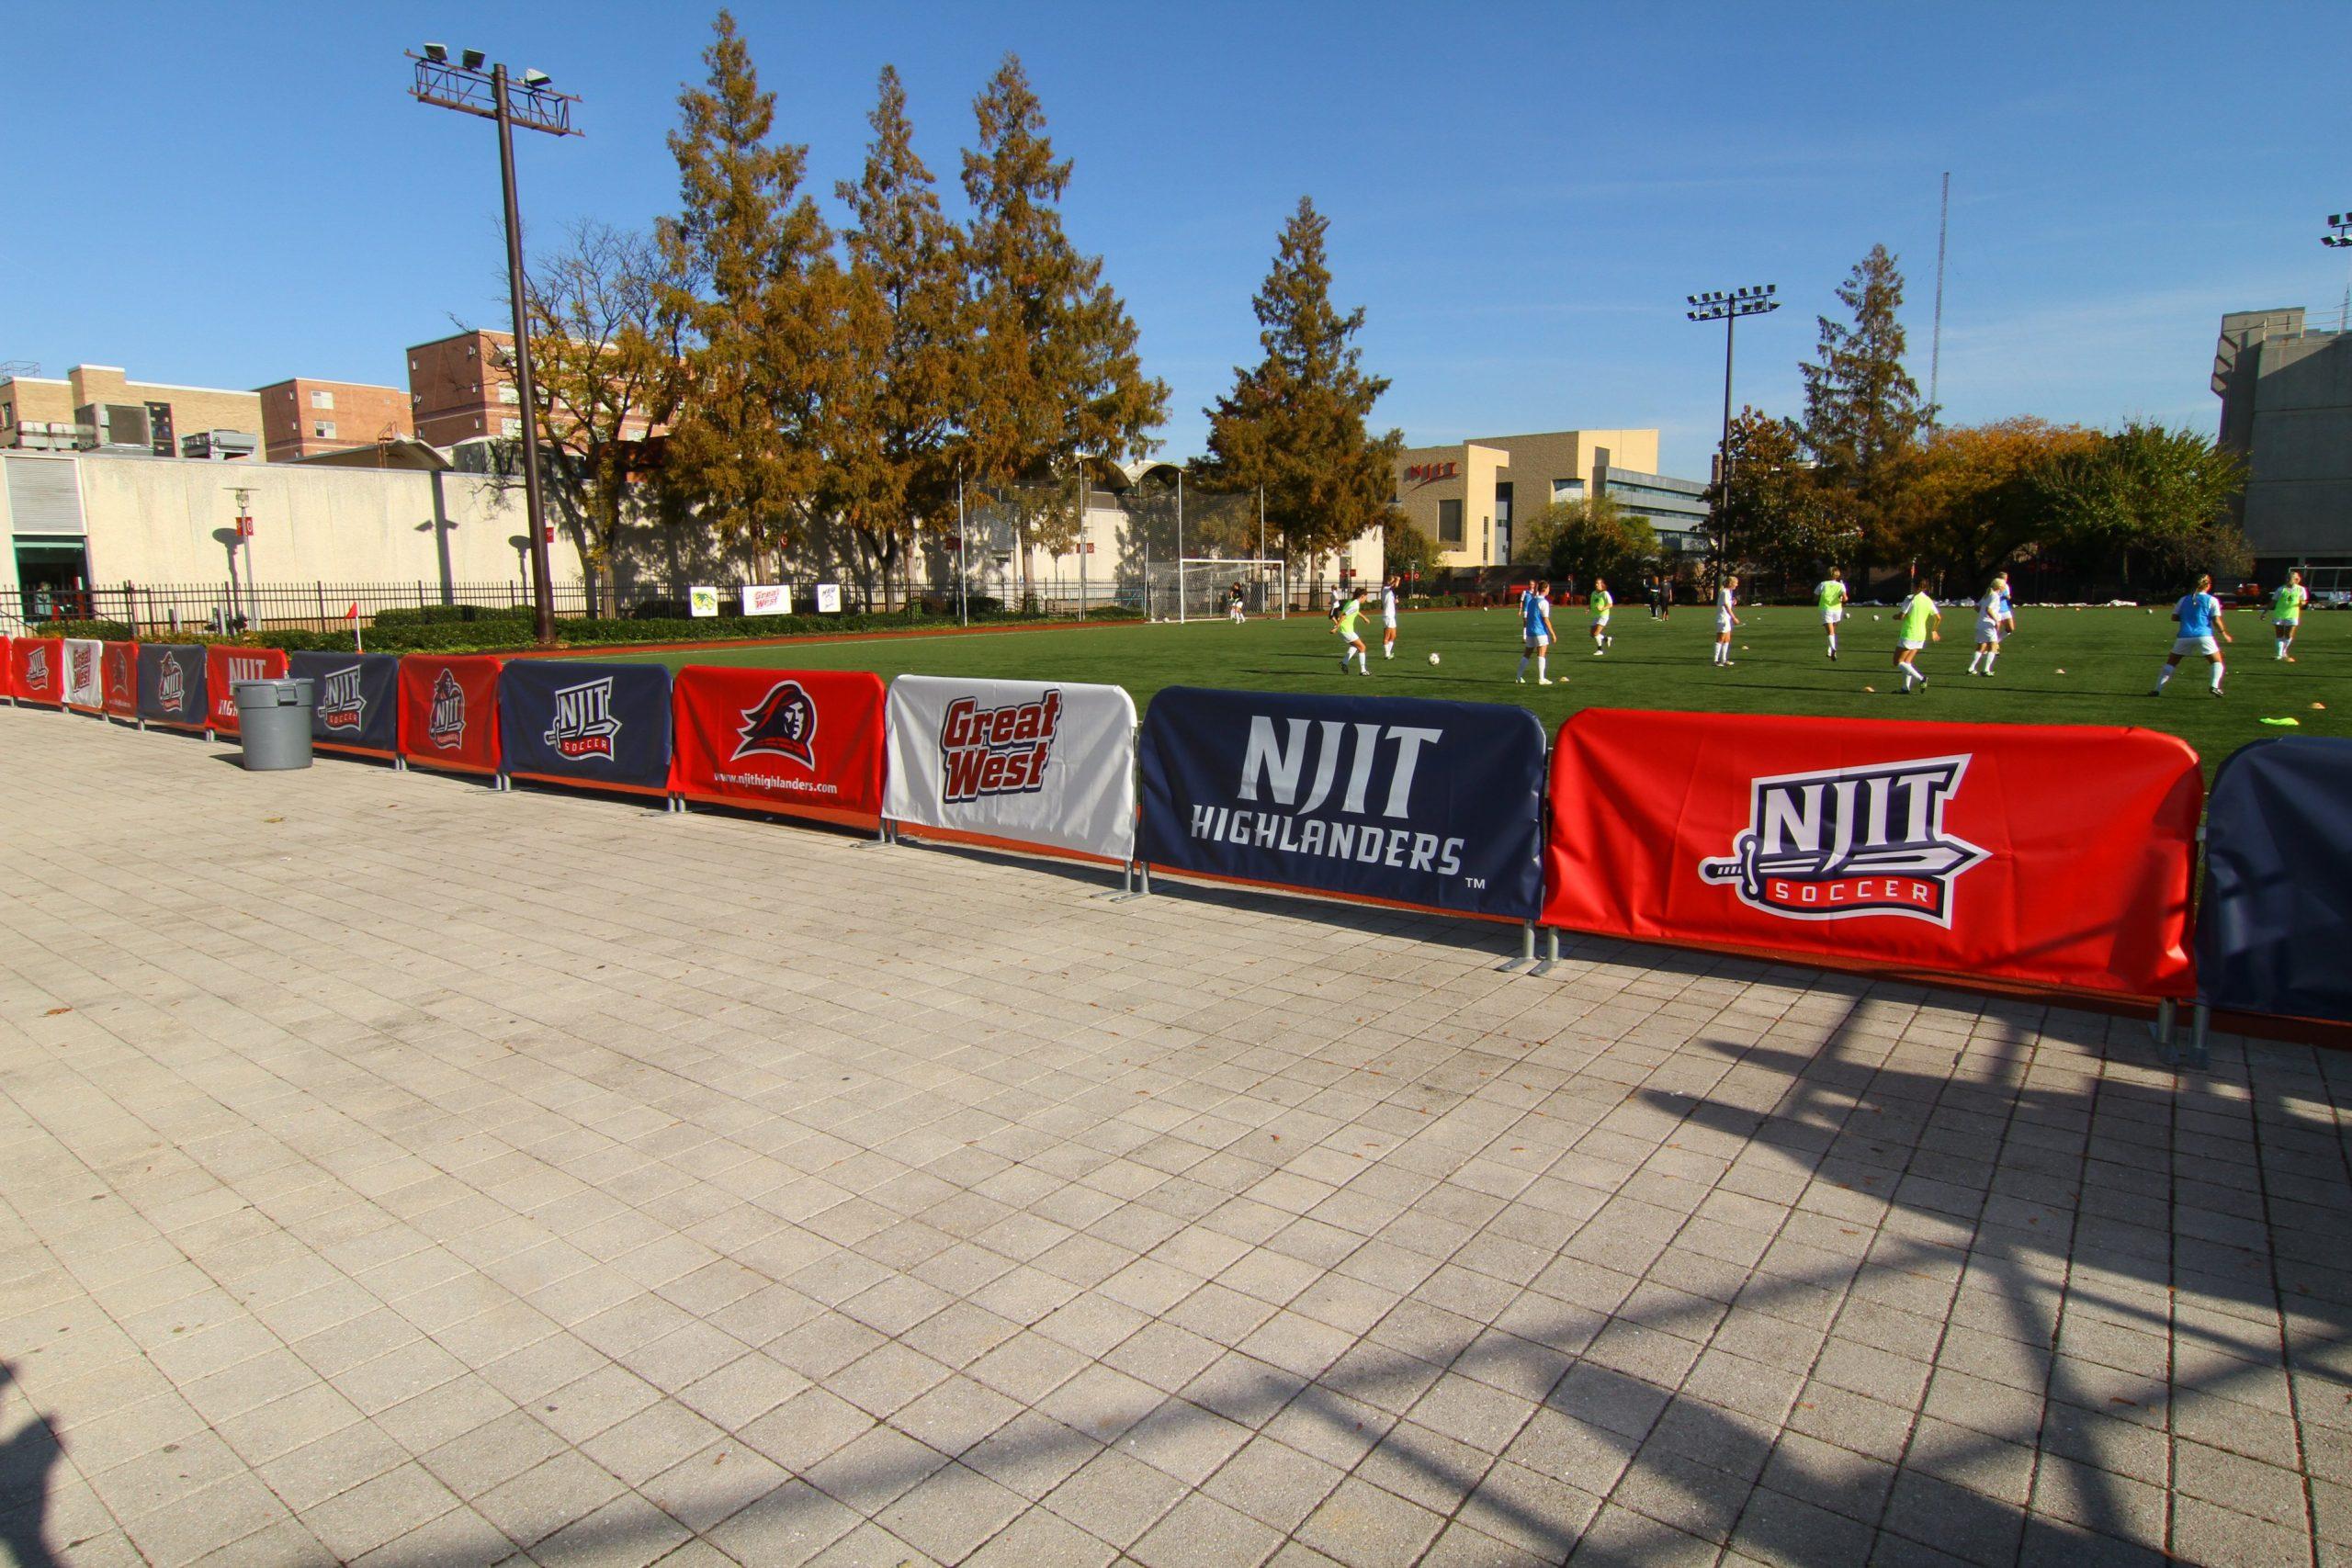 soccer barricades